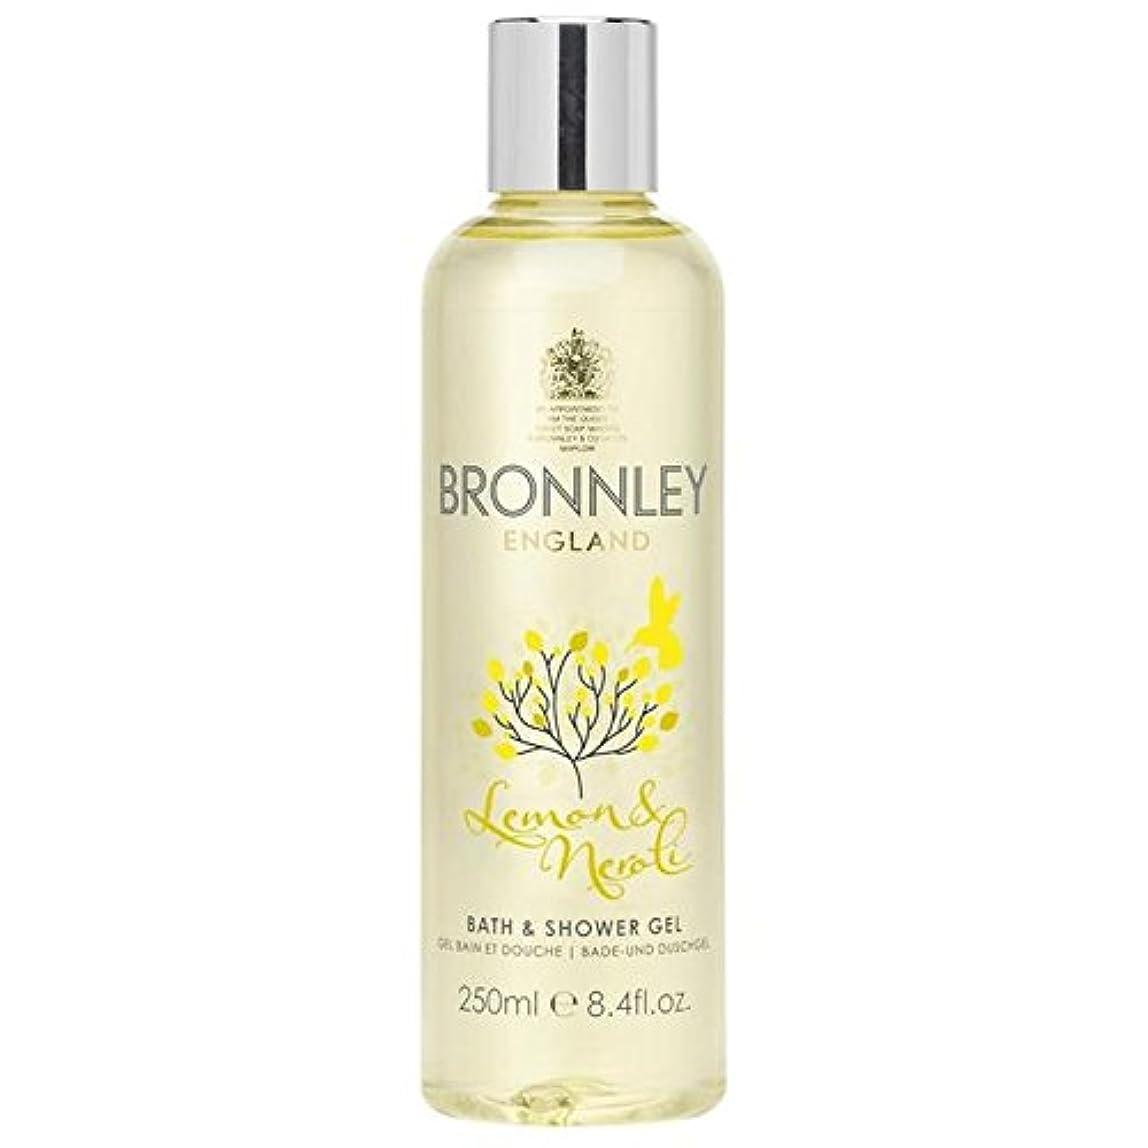 病院社員バングラデシュBronnley Lemon & Neroli Bath & Shower Gel 250ml (Pack of 6) - レモン&ネロリバス&シャワージェル250ミリリットル x6 [並行輸入品]